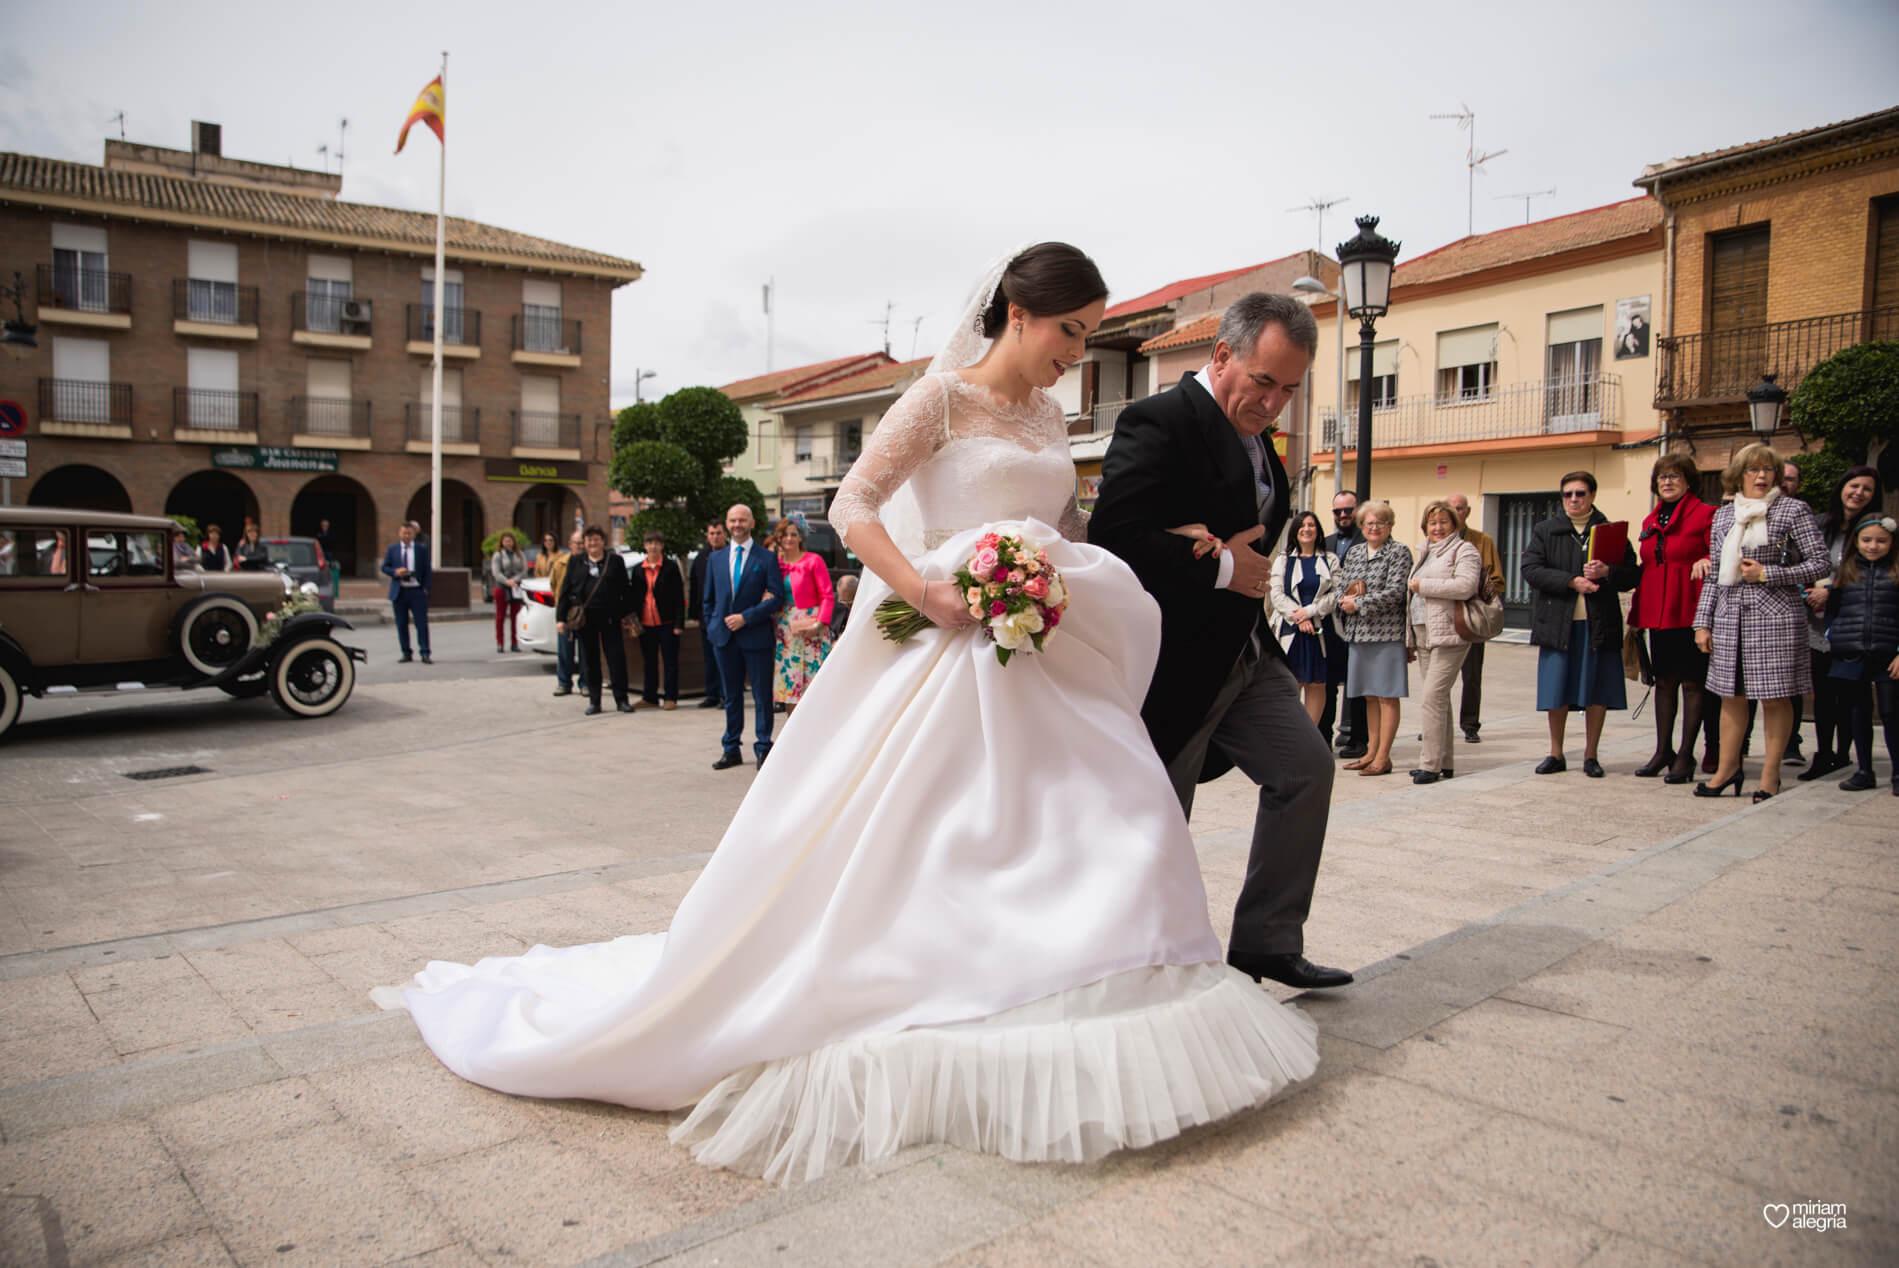 boda-en-el-rincon-huertano-miriam-alegria-fotografos-boda-murcia-45